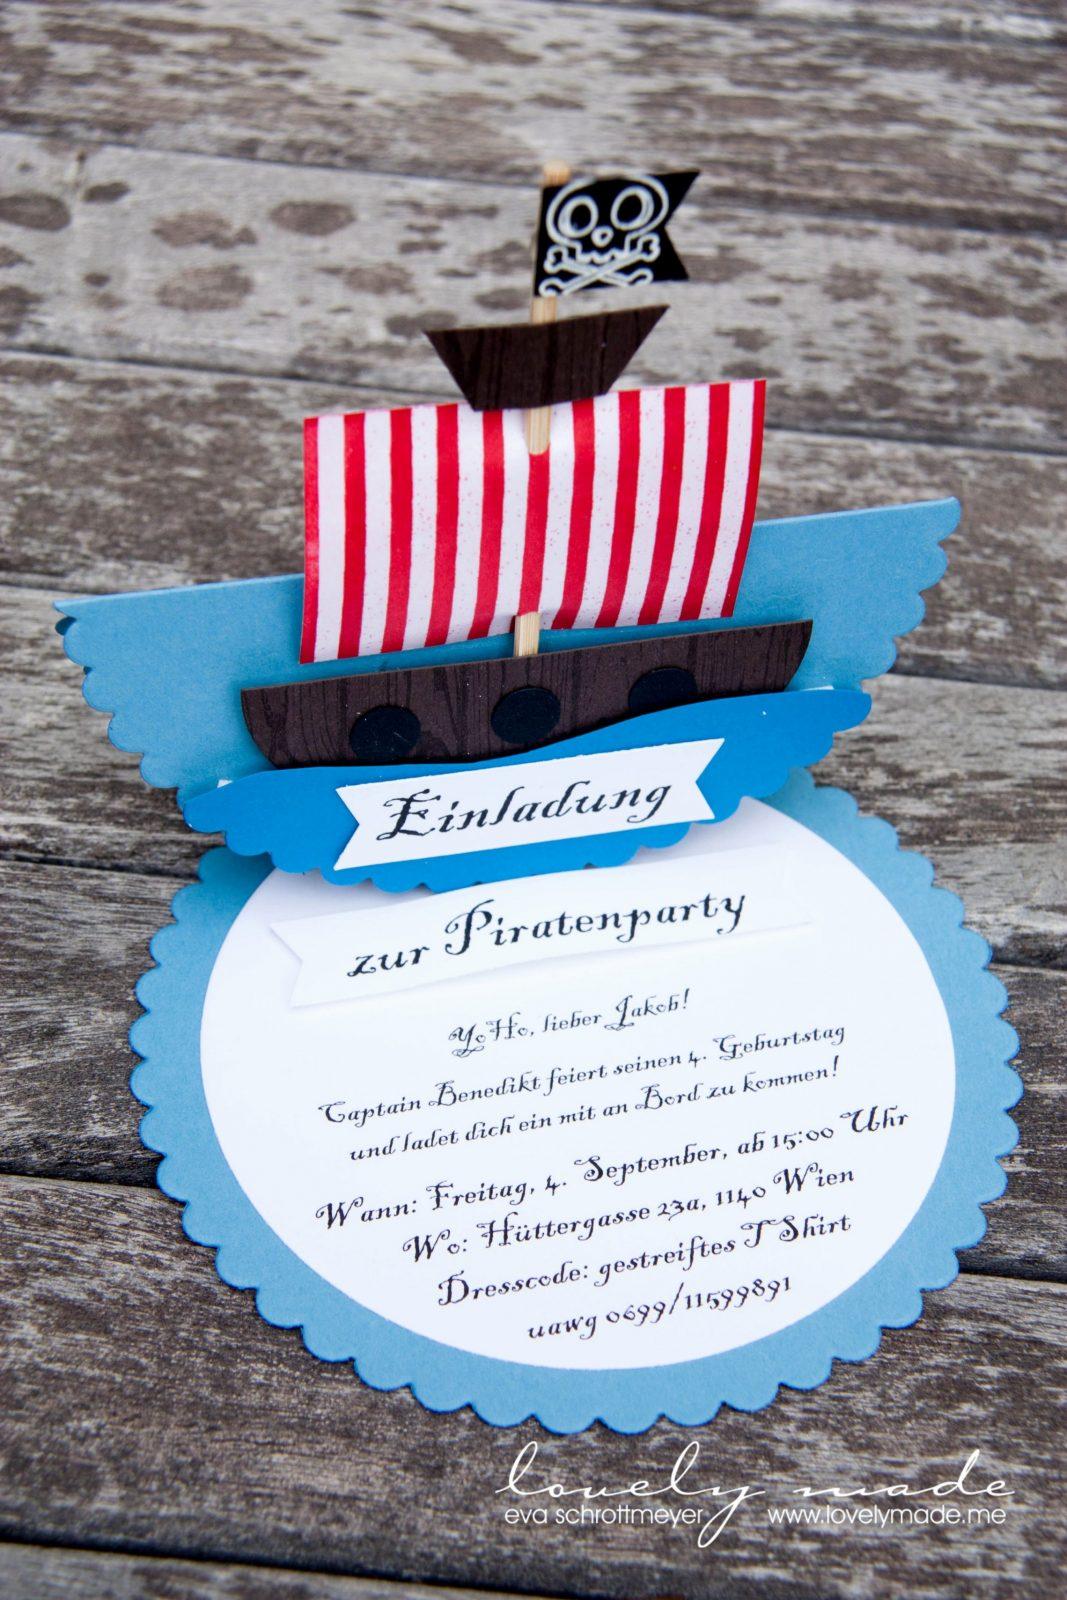 77 Bild Bilder Von Piratenparty Deko Selber Machen  Grundrisse Idee von Piraten Deko Selber Machen Bild